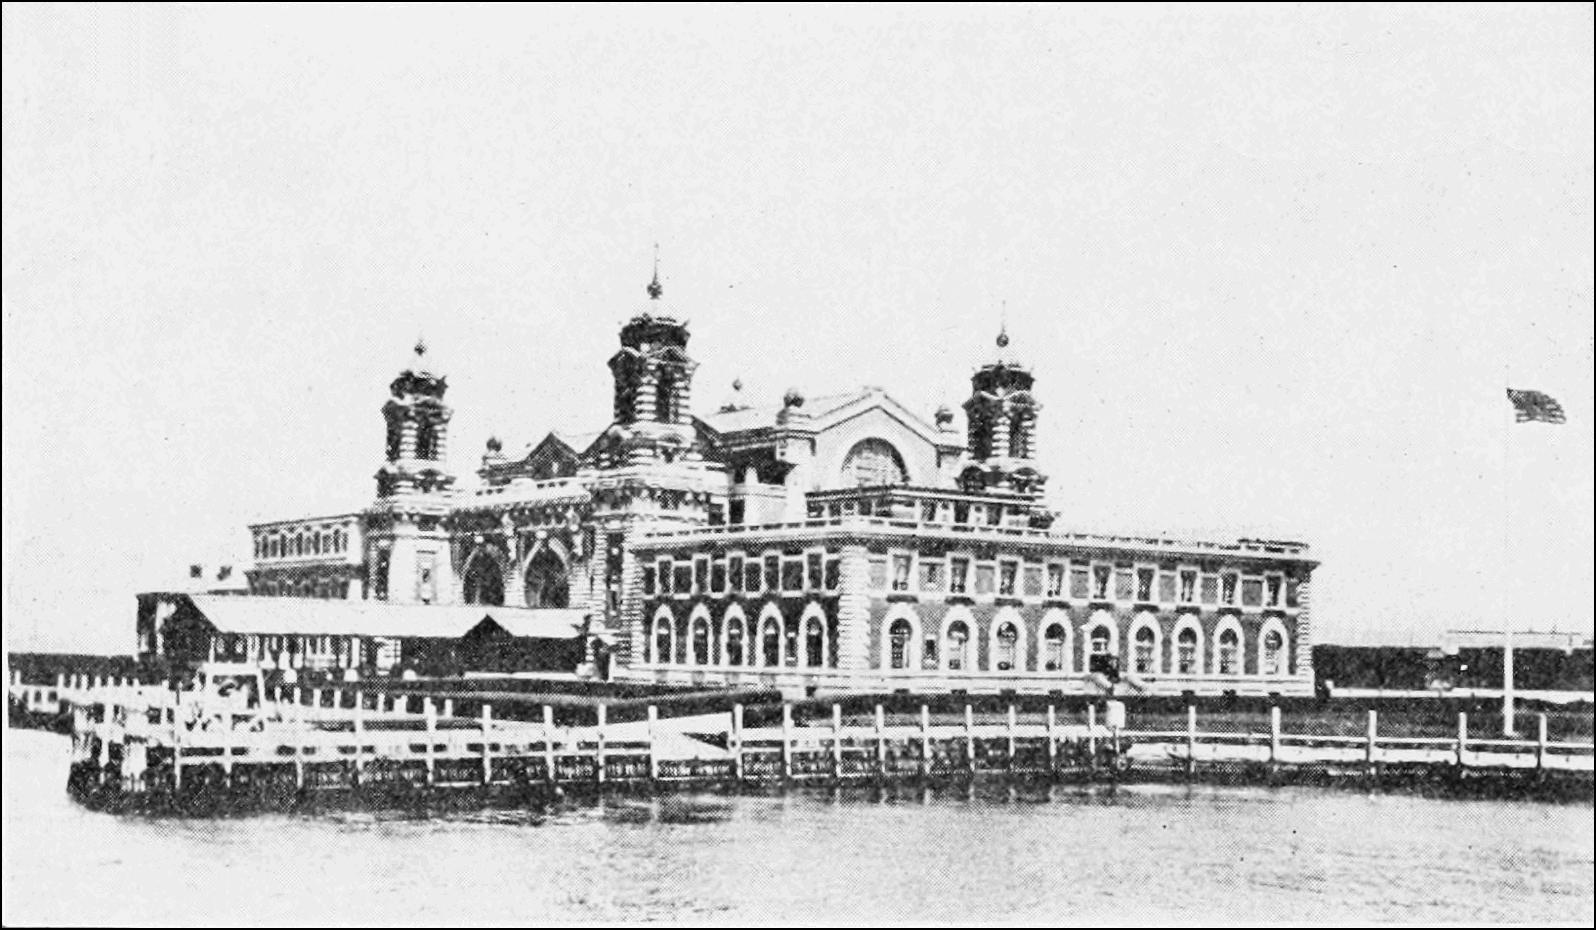 Ellis Island Immigration Questionnaire